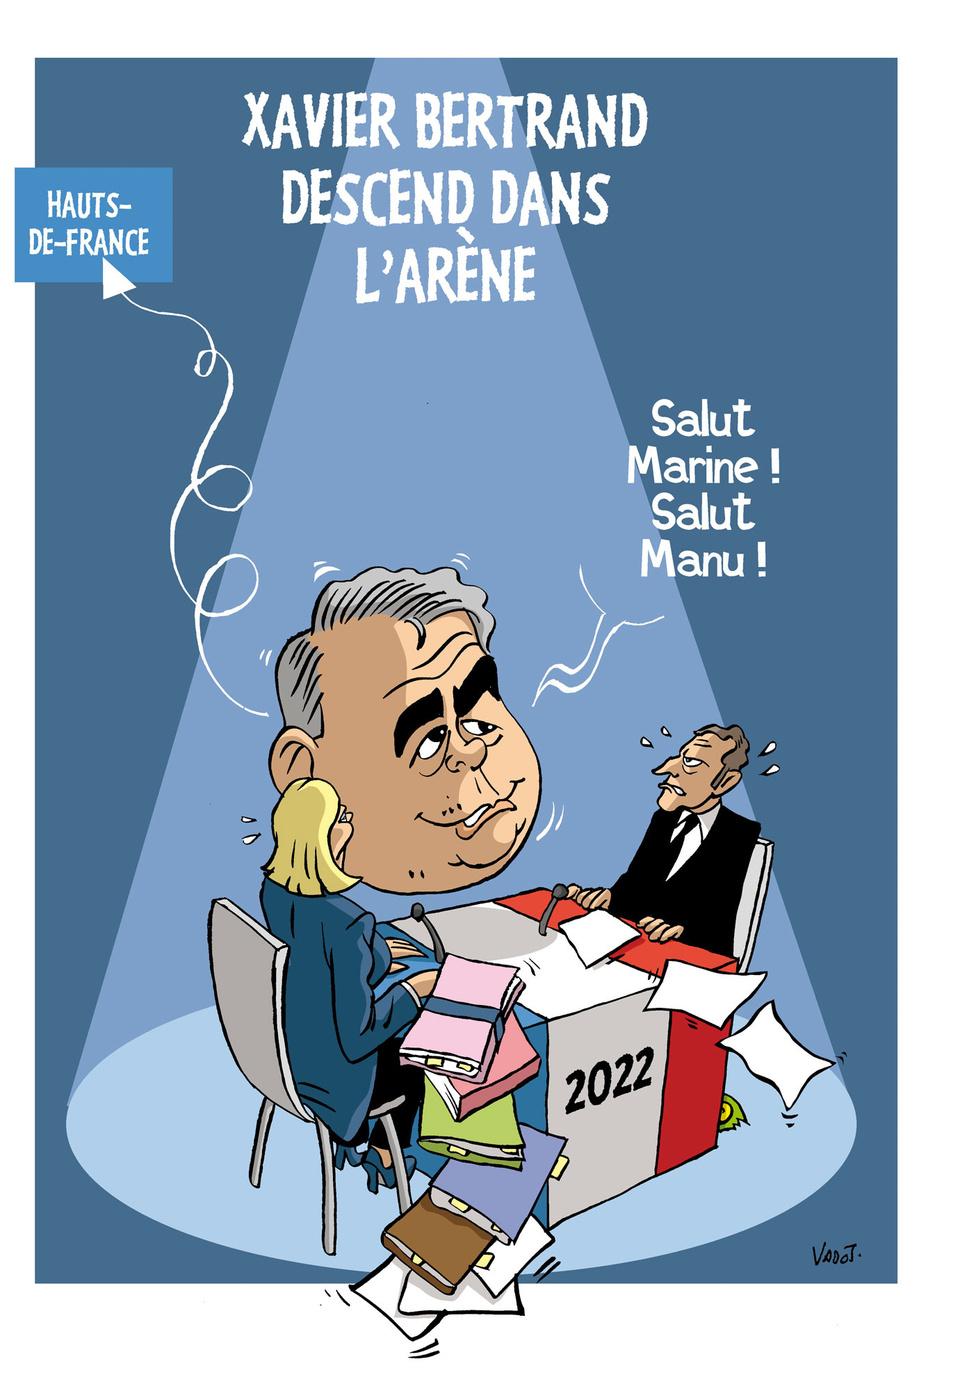 En ballotage favorable dans Hauts-de-France, Xavier Bertrand (LR) est en passe de remporter la victoire au second tour des élections régionales et se positionne en vue de la présidentielle 2022., Vadot